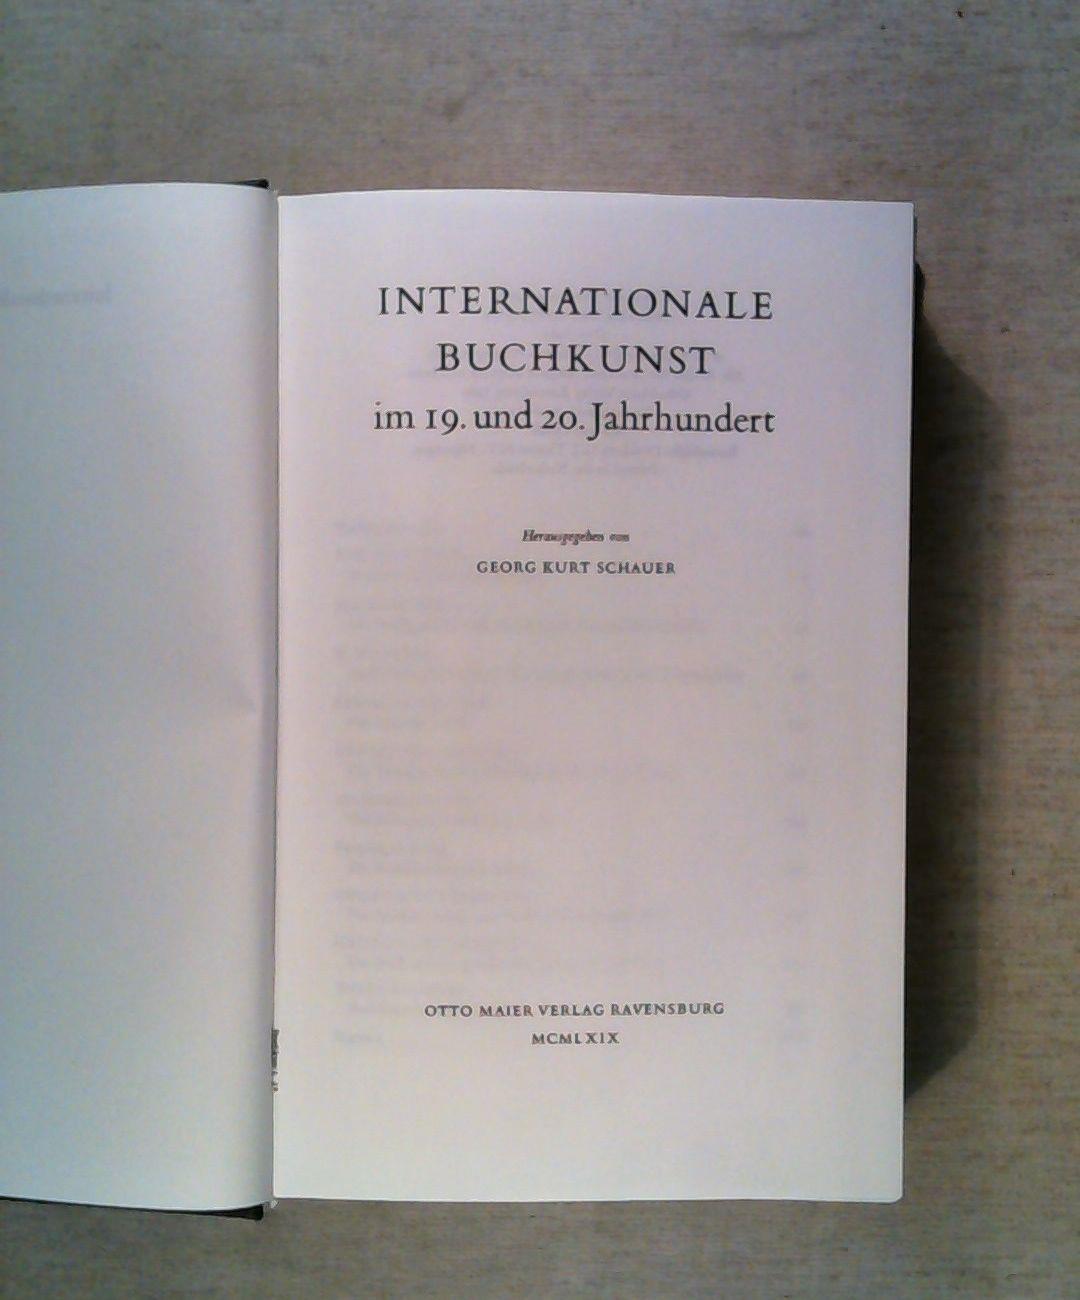 Internationale Buchkunst im 19. und 20. Jahrhundert.: Schauer, Kurt Georg: